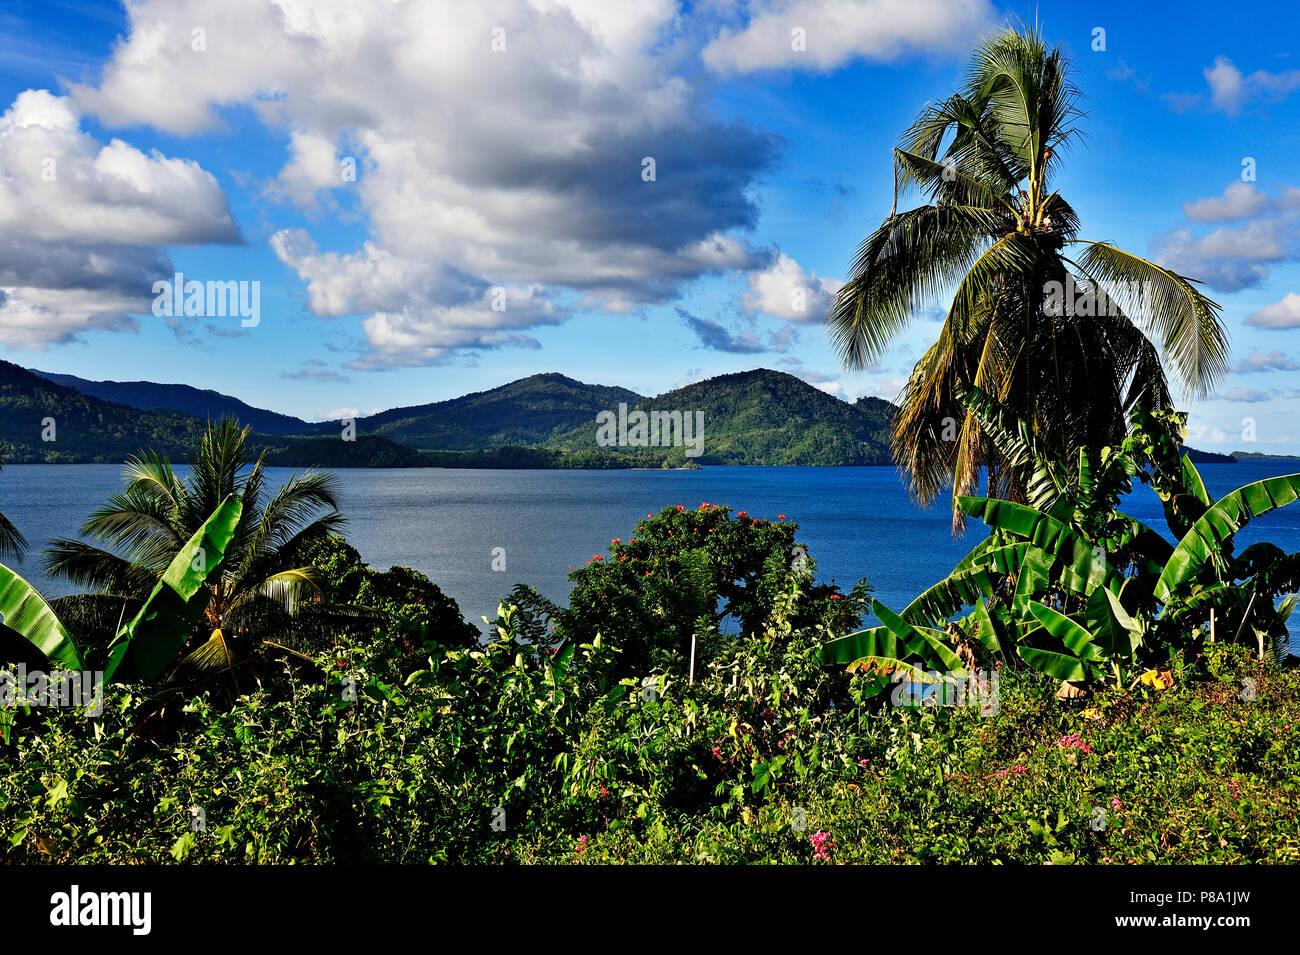 Kwato Island, Milne Bay, Alotau, Papua New Guinea, Oceania - Stock Image